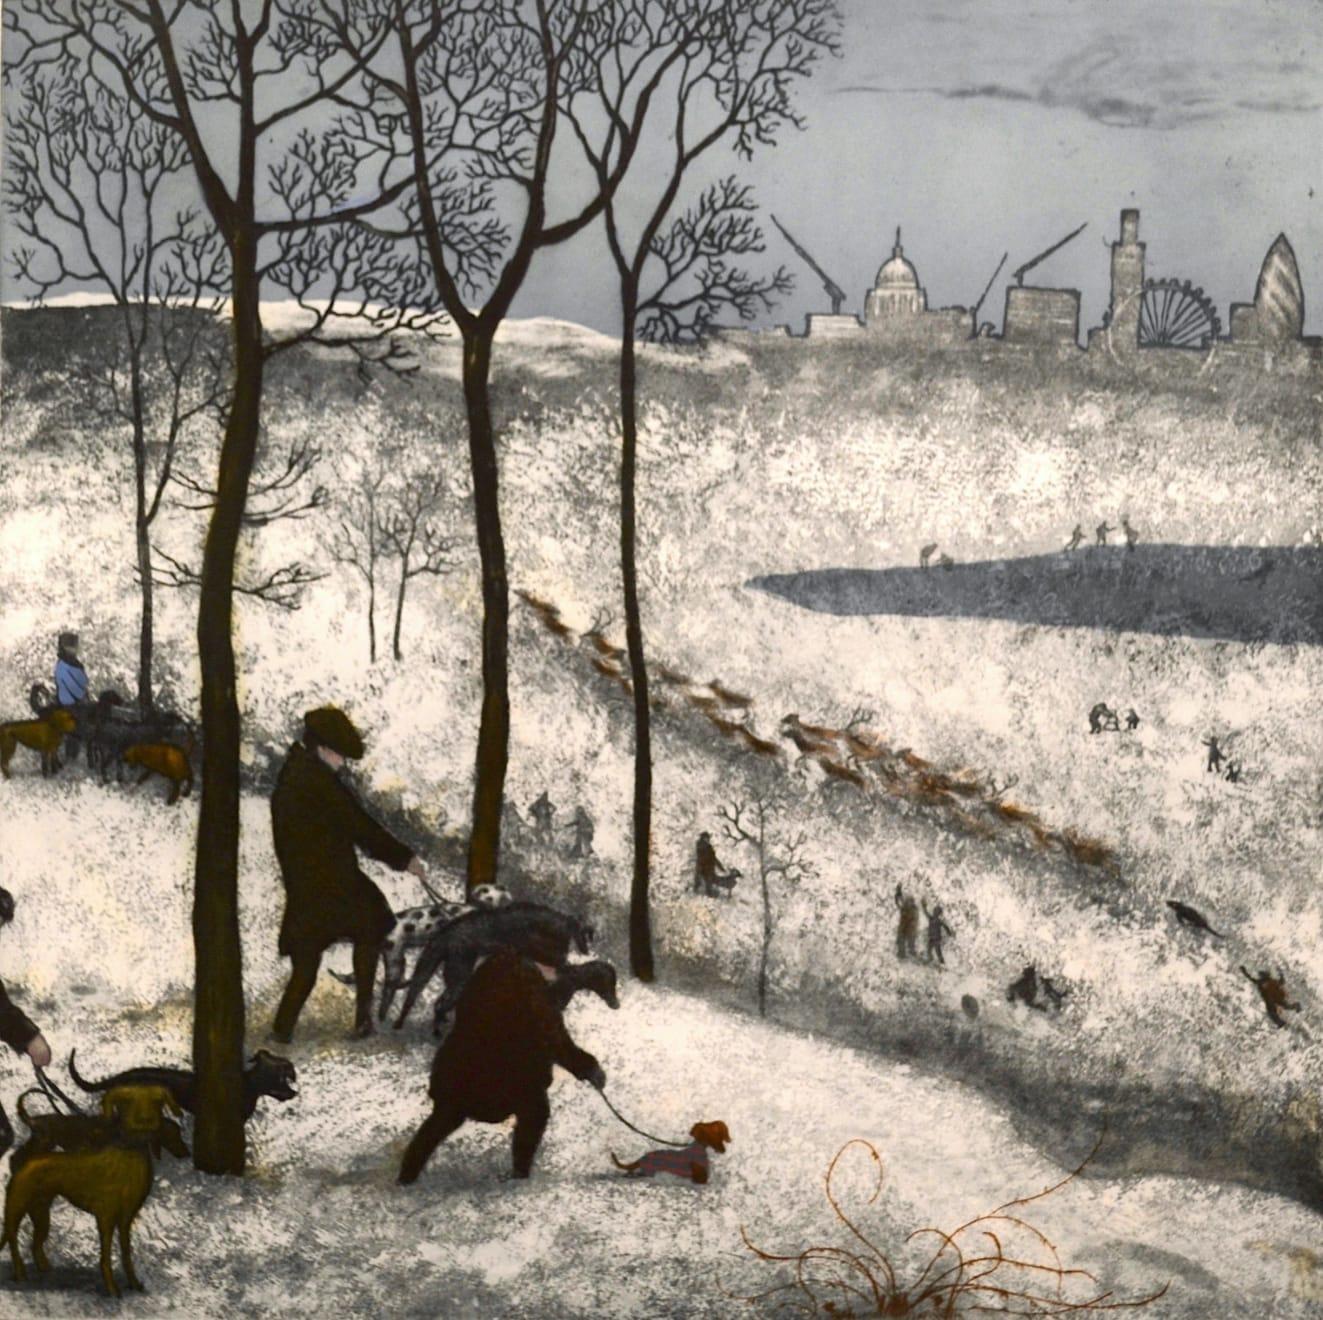 Mychael Barratt, Richmond Park - Winter, after Bruegel, 2019